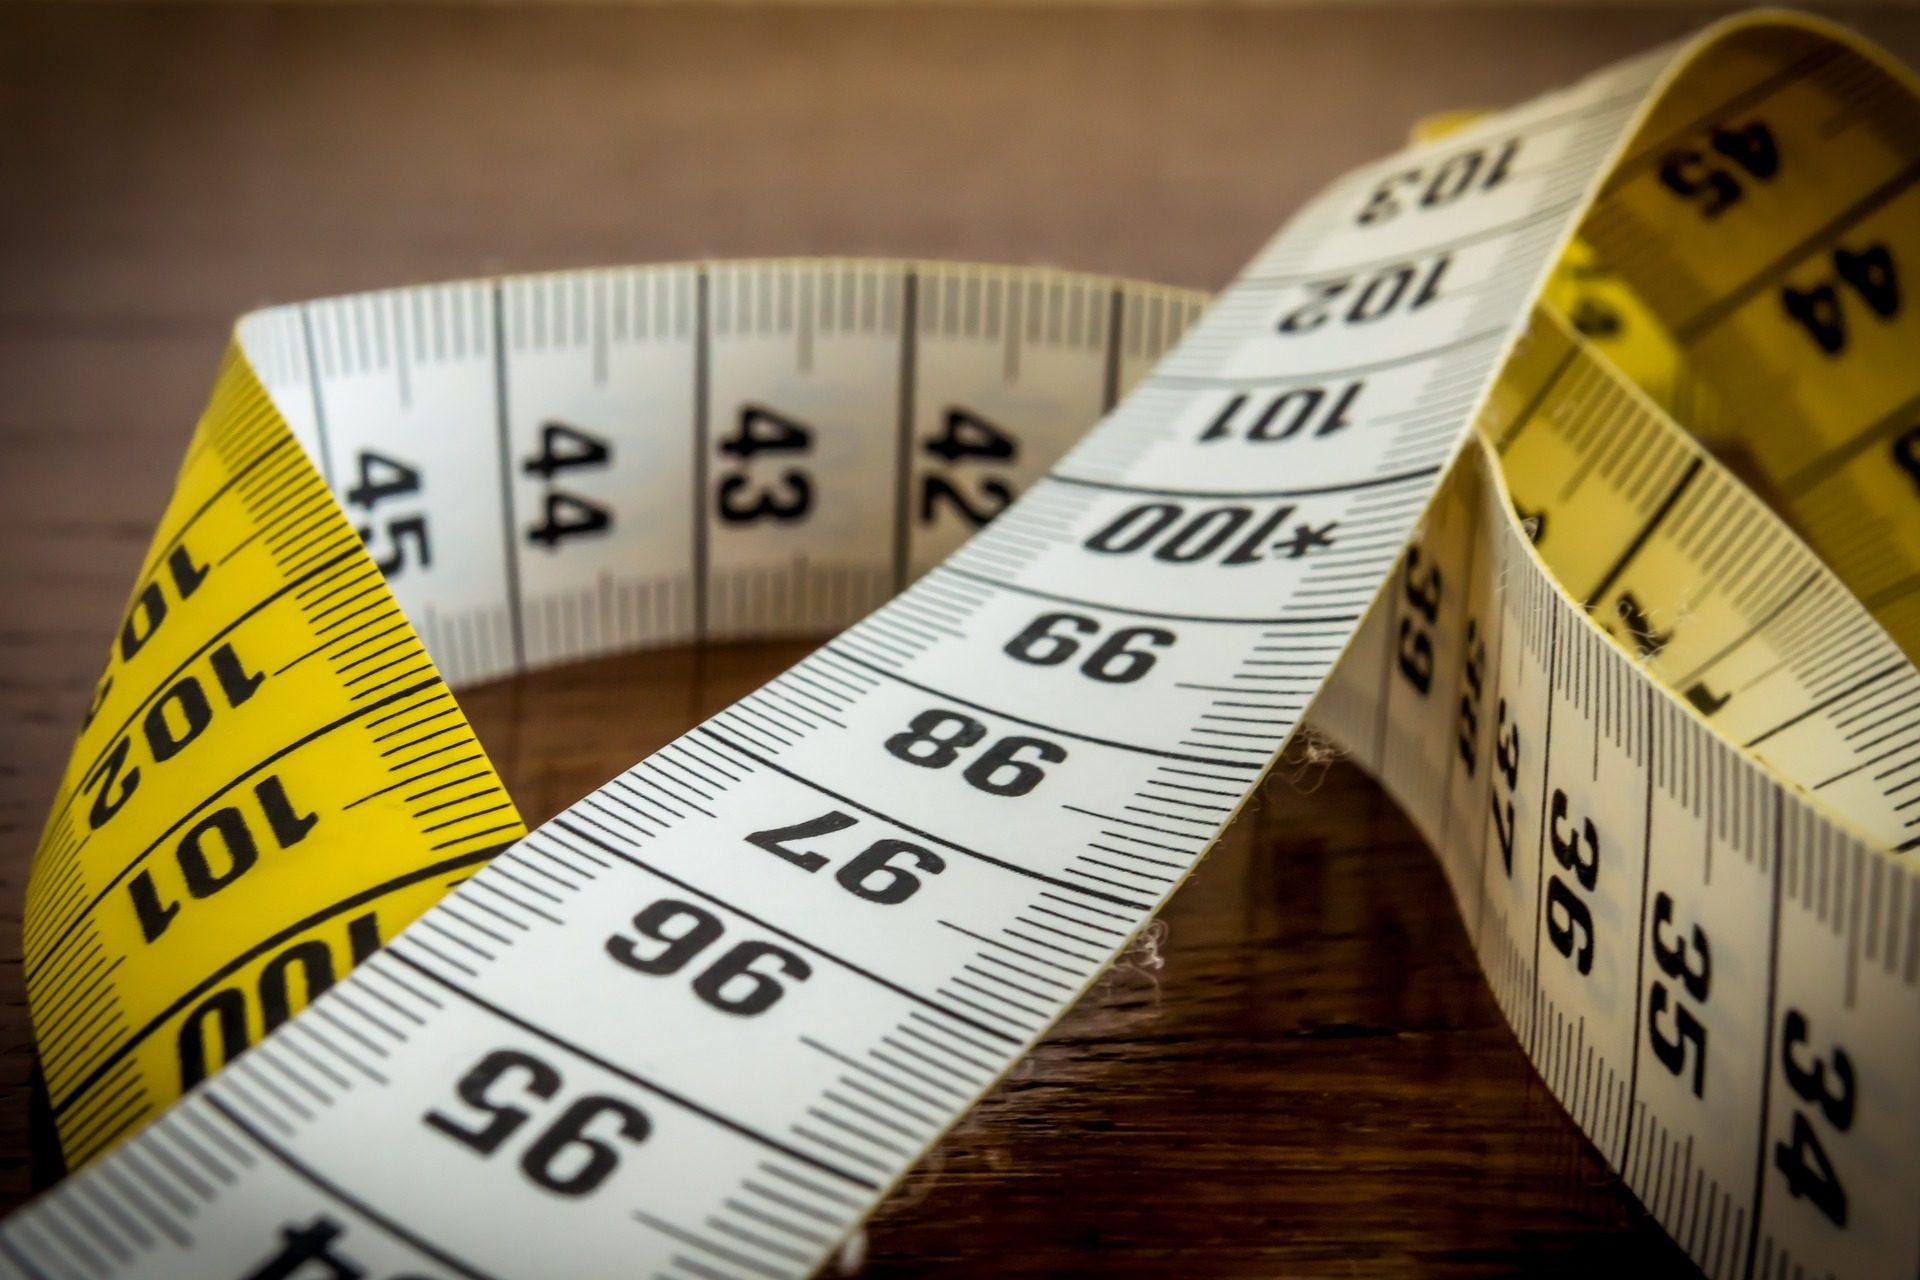 Метро, Лента, medida, Длина, centímetros, Номера - Обои HD - Профессор falken.com